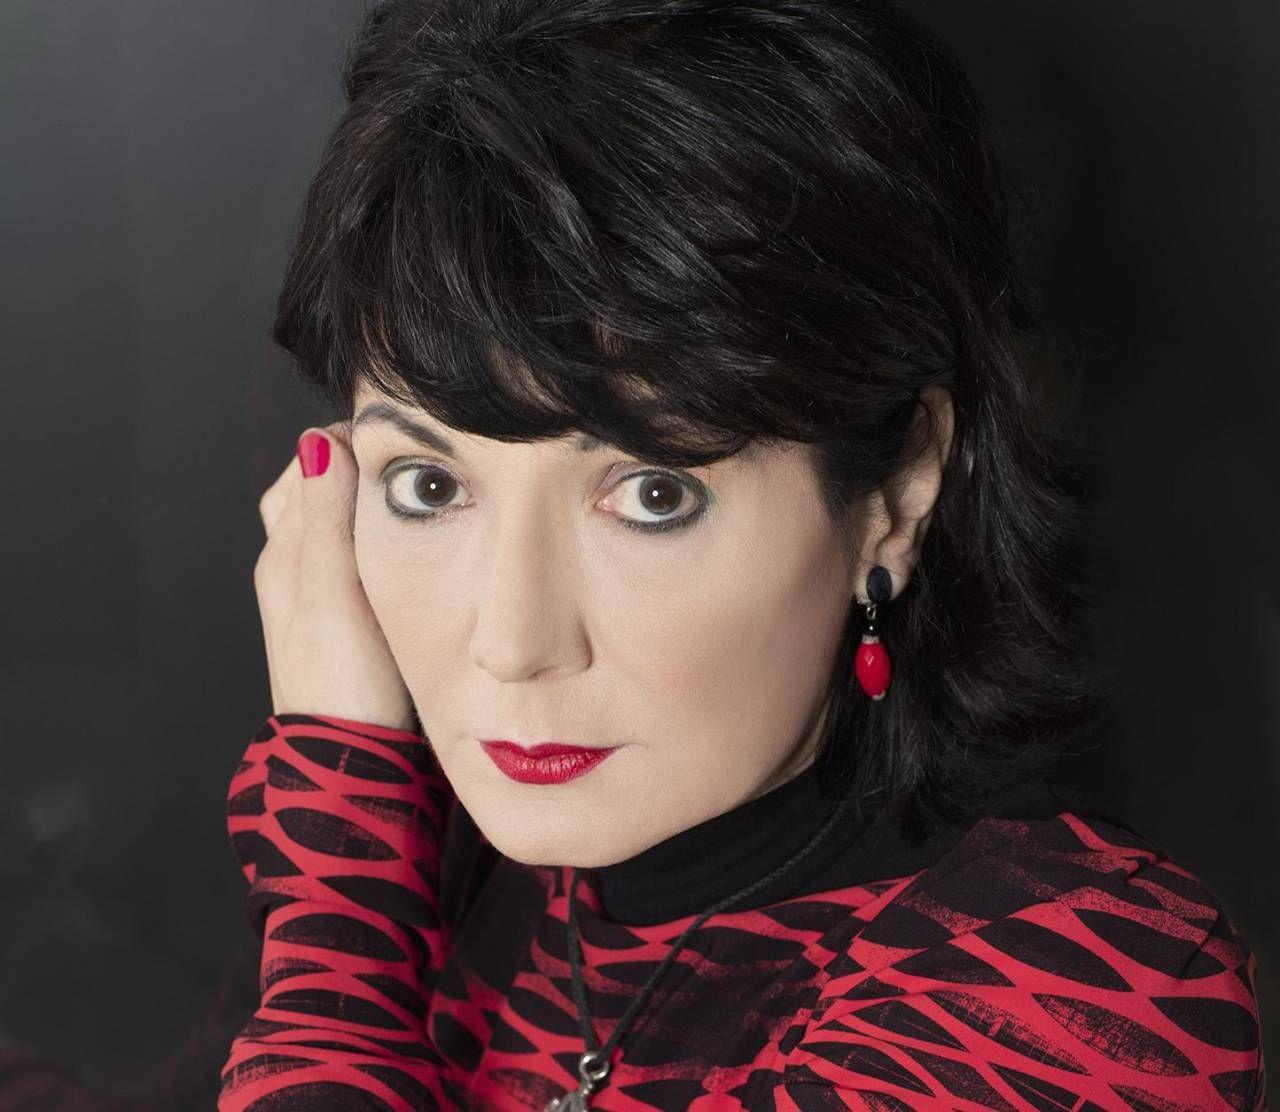 Tra cinema, musica e cultura con la ricetta di Elisabetta Sgarbi - Cronaca  - ilrestodelcarlino.it